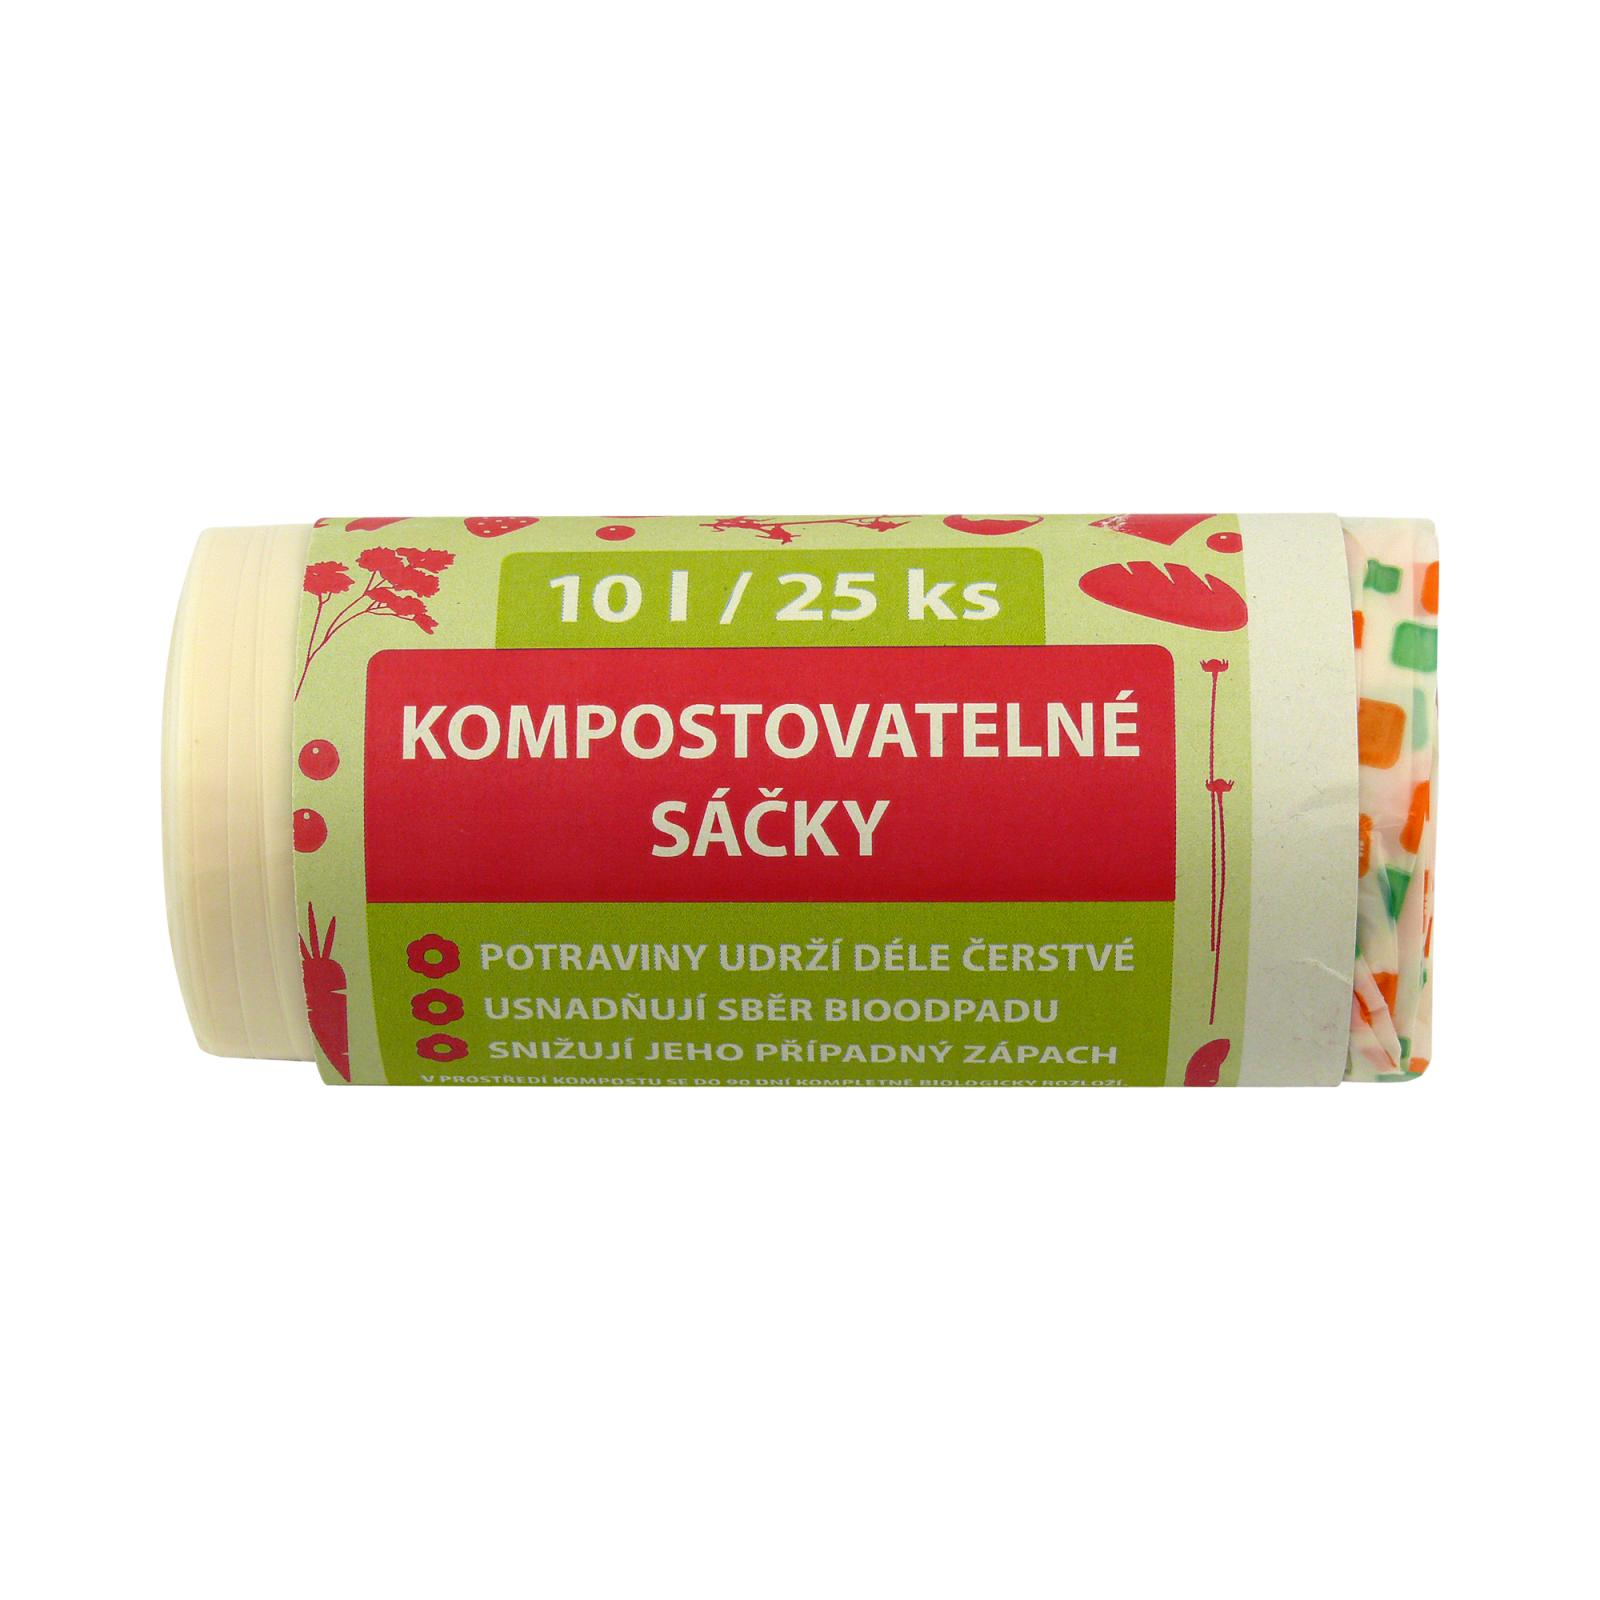 Kompostuj.cz Kompostovatelné sáčky 10 l 25 ks